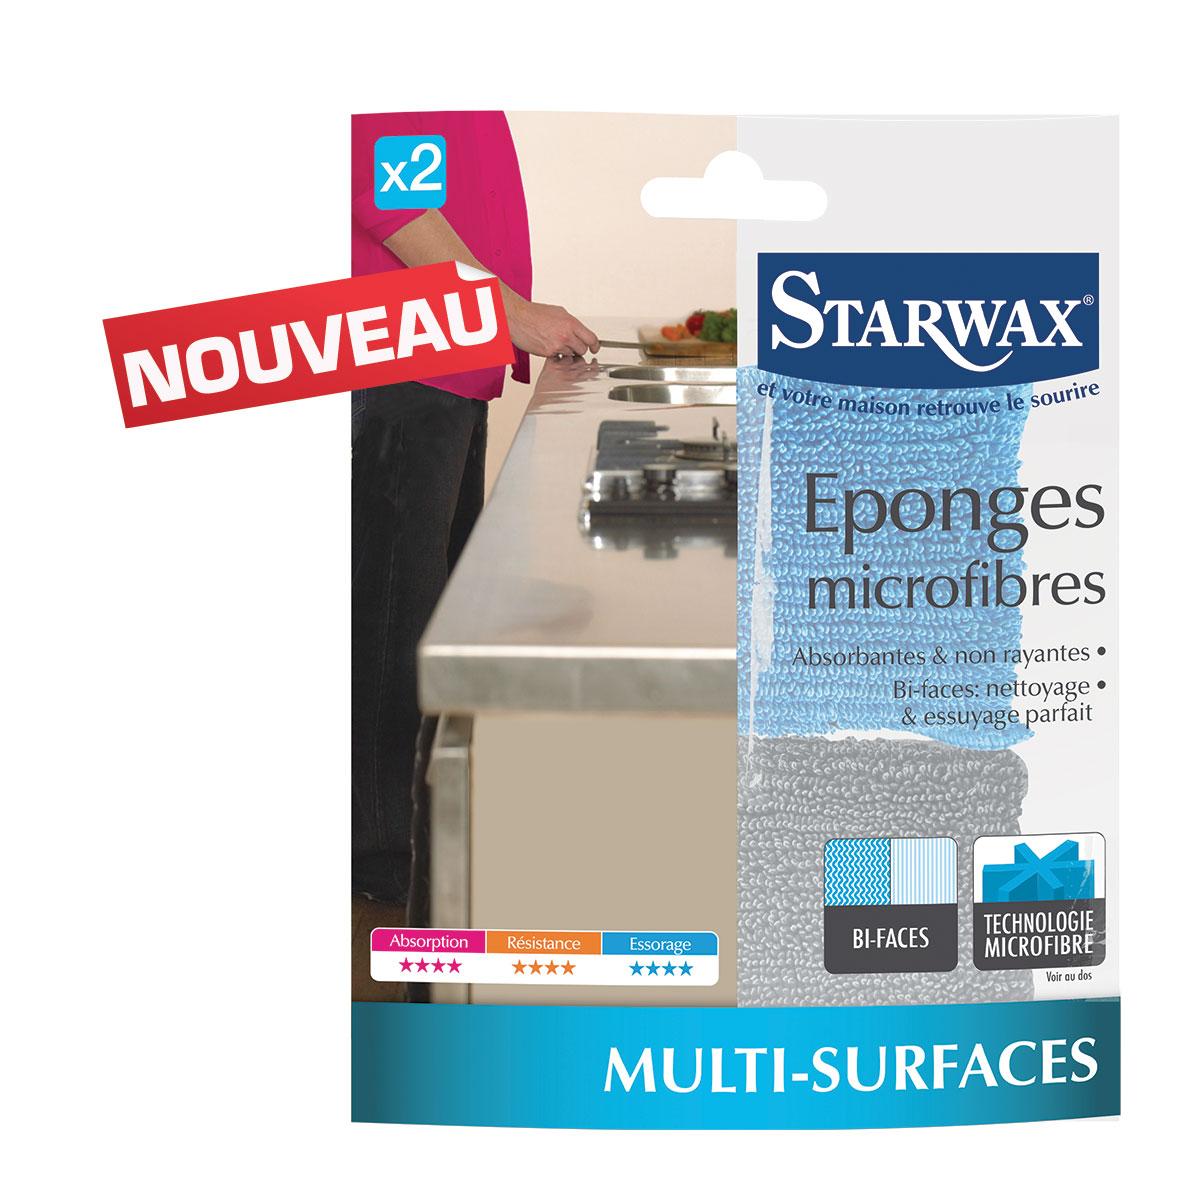 Eponges microfibres Starwax